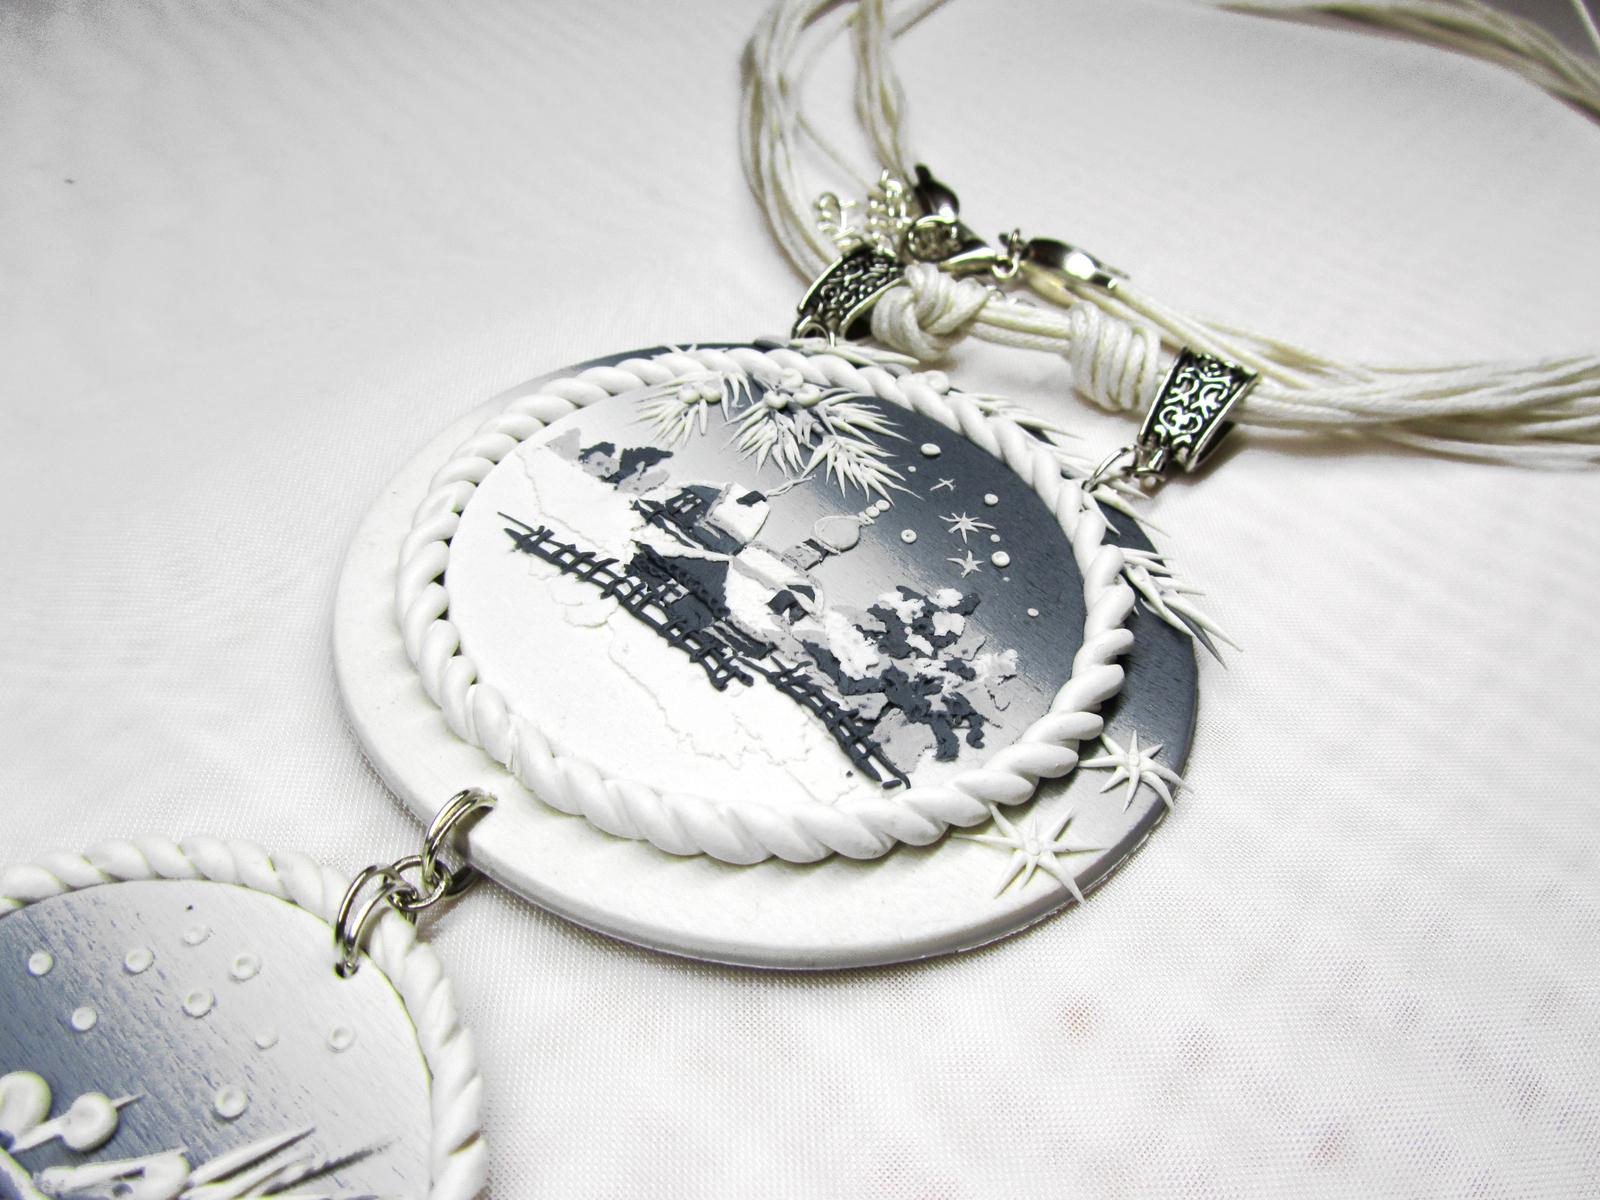 Чем отличается кулон от подвески, а ожерелье от колье? Учимся называть